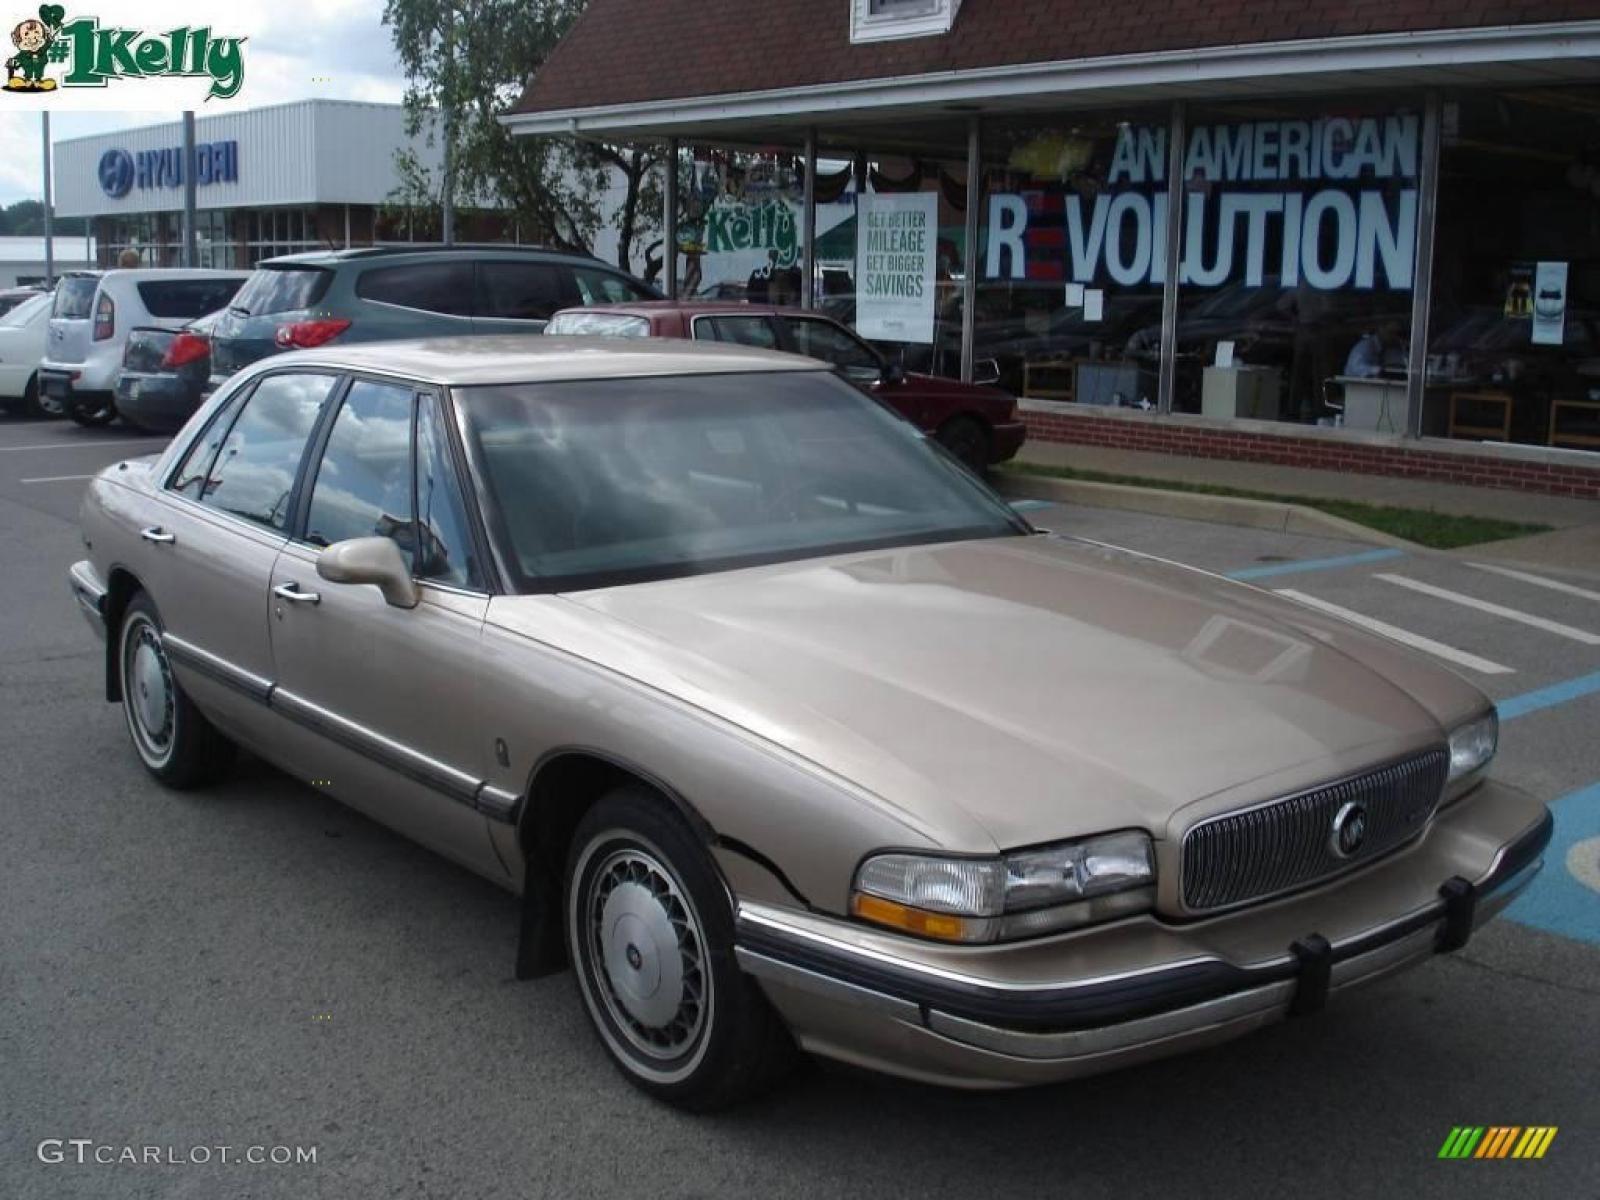 1993 buick lesabre - 1600px image #7